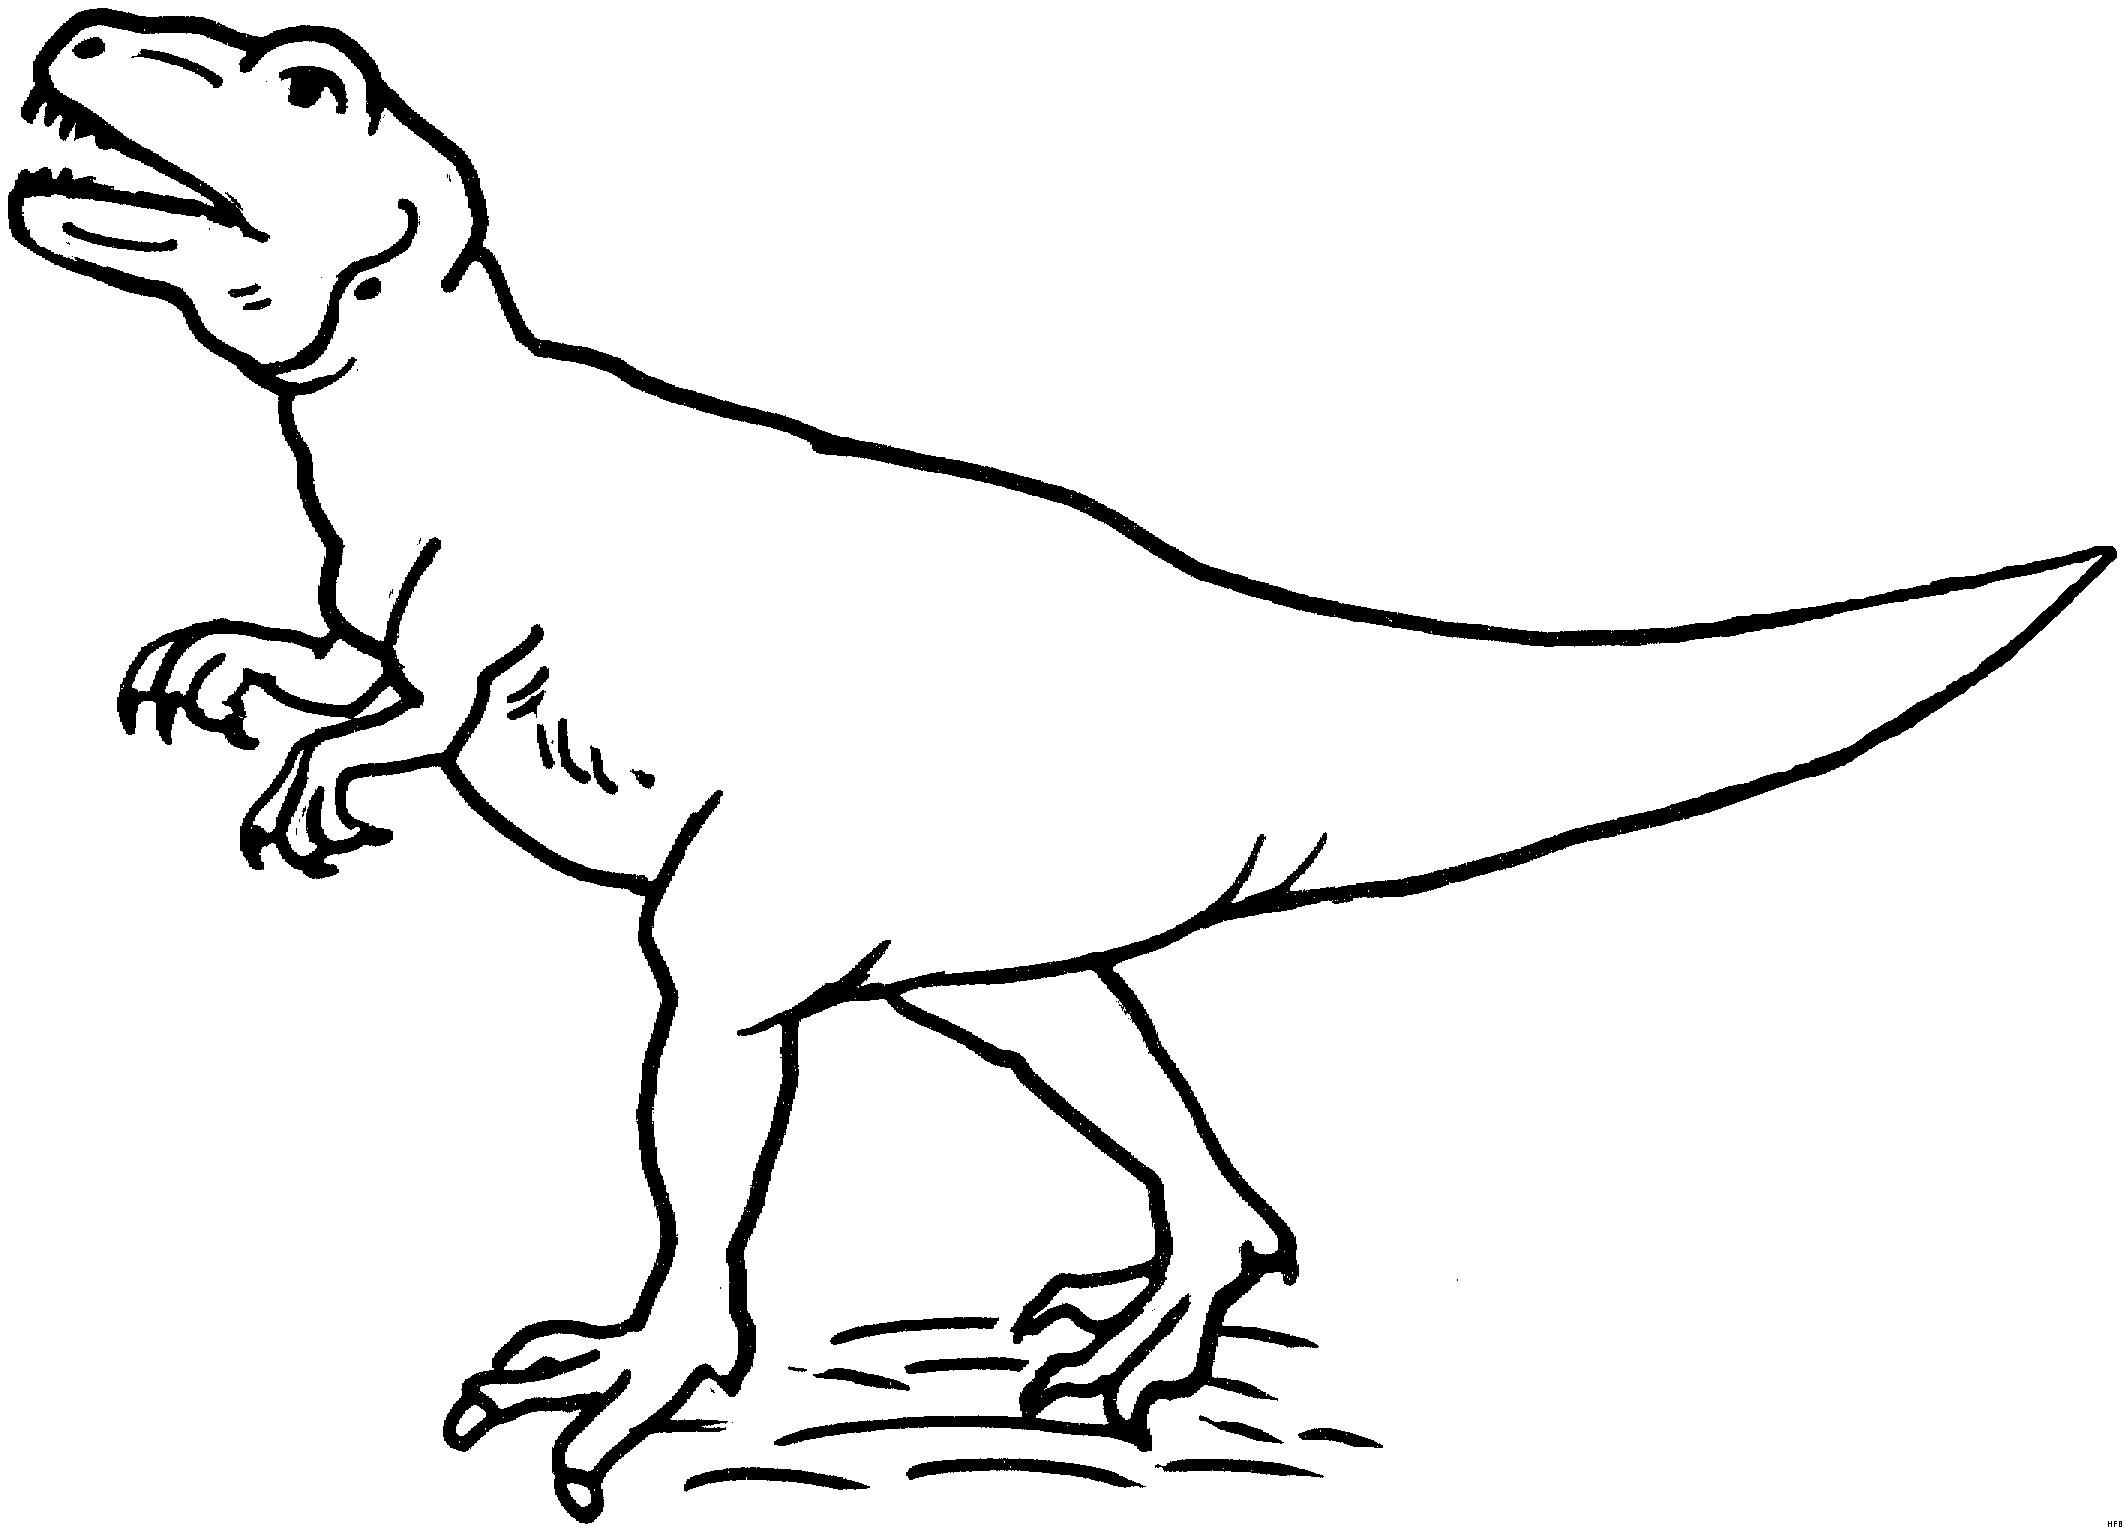 Tyrannosaurus Rex Ausmalbild Neu 45 Inspirierend Ausmalbilder T Rex Beste Malvorlage Galerie